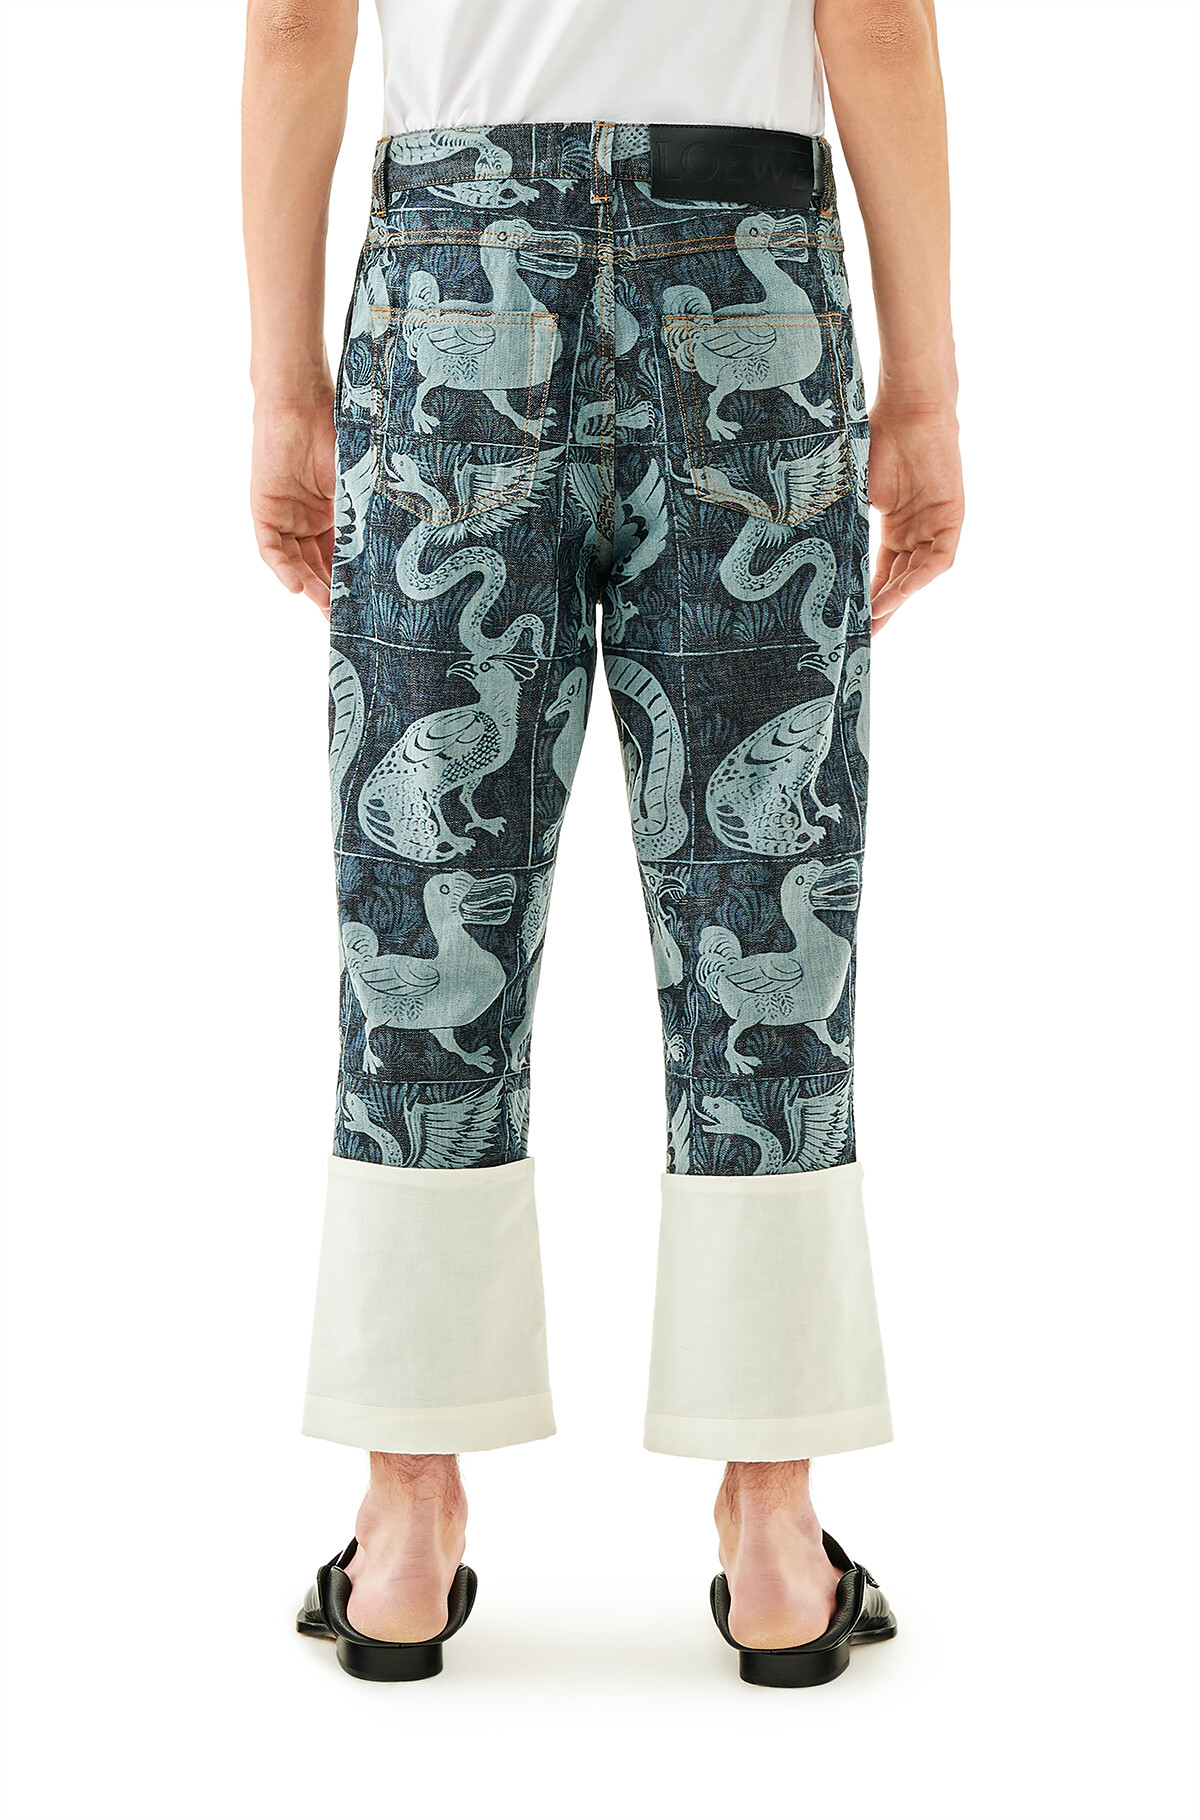 LOEWE Fisherman Pants Blanco/Azul Indigo front